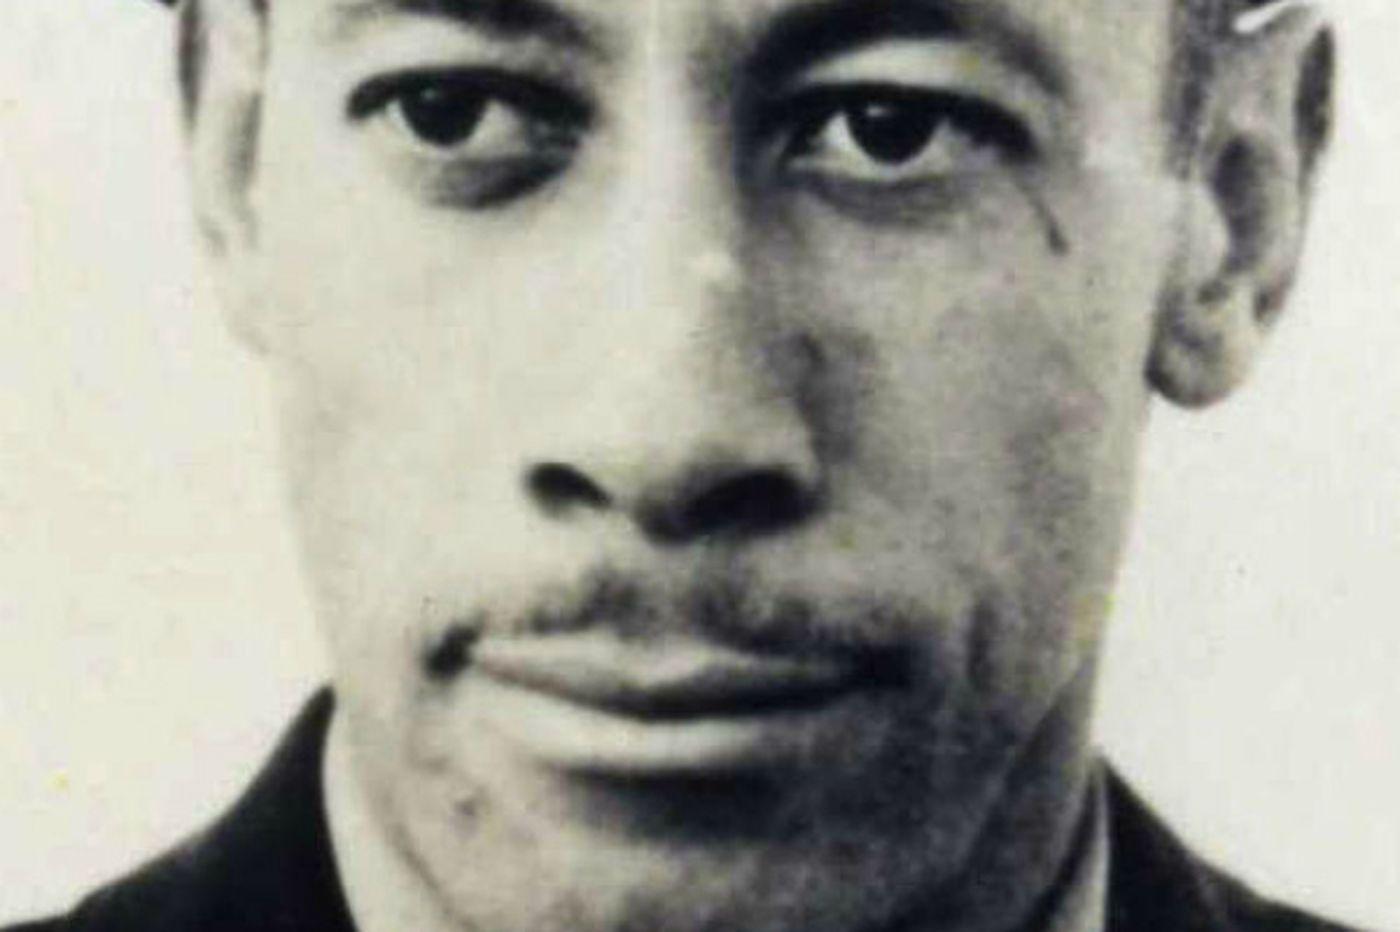 Lowell Steward | Tuskegee Airman, 95